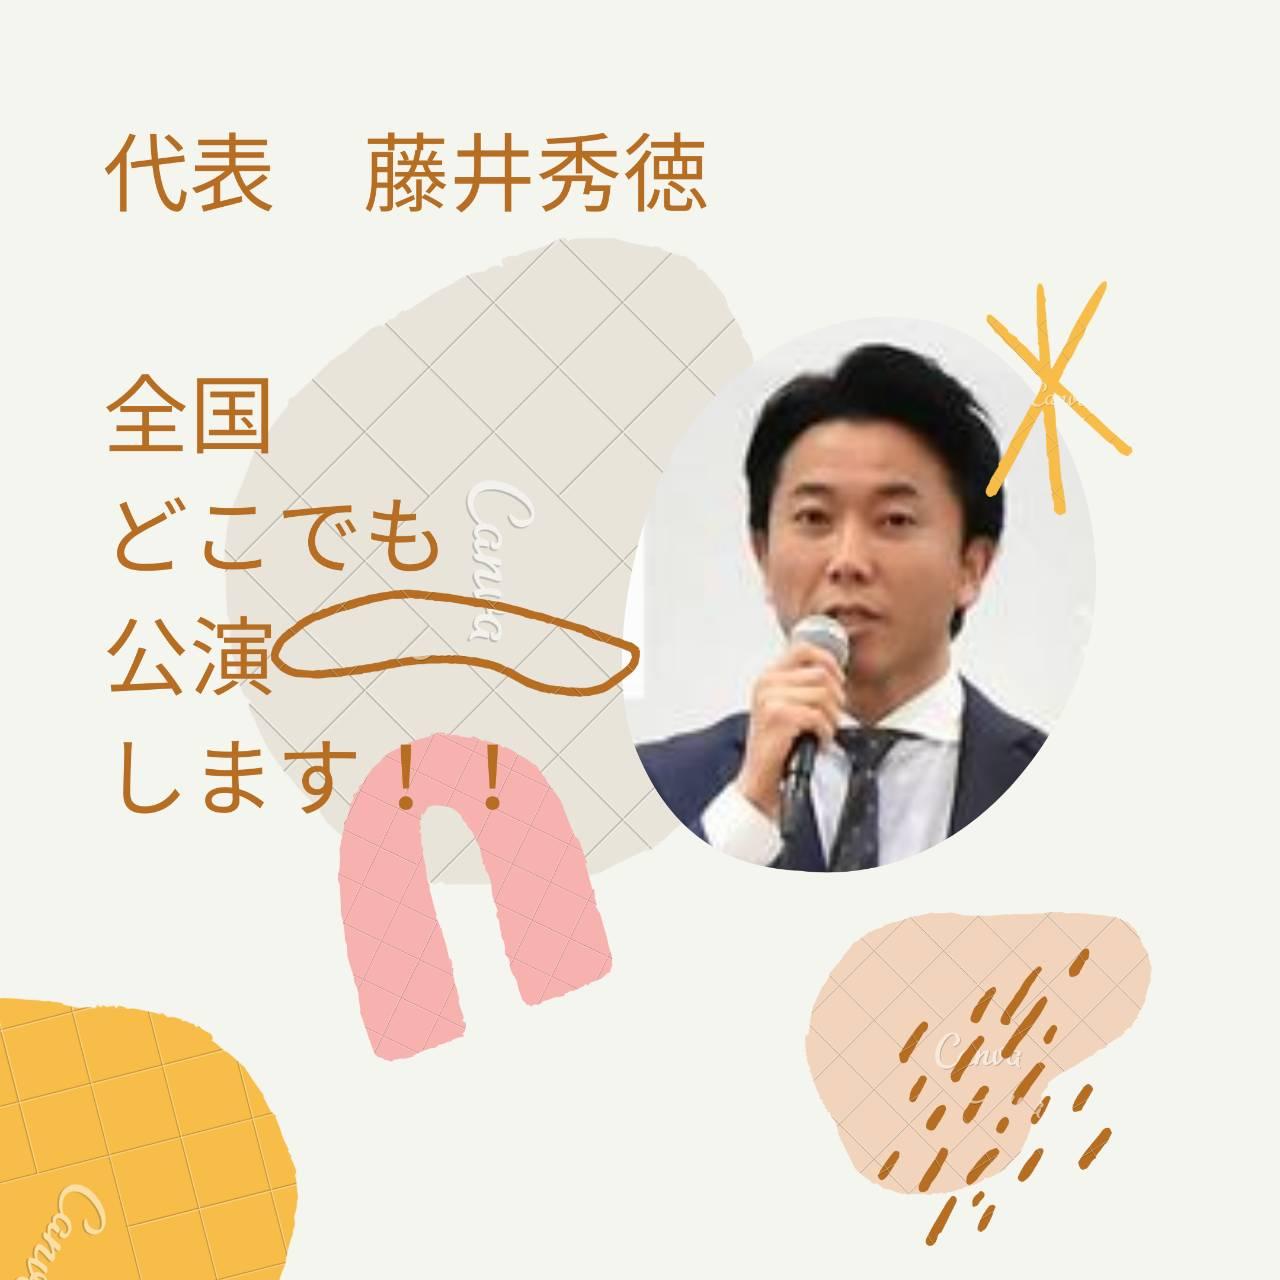 ・i-step株式会社の代表藤井が、支援者様のご希望の場所に出張しセミナーや起業経験をもとに講演会を行います。詳細については支援後連絡させていただきます。 講演実績 ・2016年 2017年 東京ビックサイトスポルテック デイサービス立ち上げ講演   ・2019年 2020年 船井総合研究所主催 人事評価制度・財務構築制度講演  ・感謝の気持ちとして、インターンの学生及びi-step株式会社から、お礼のメールを送らせていただきます。 ・ご支援いただいた方のお名前を、お礼の意味を込めてi-stepのホームページ上に記載させていただきます。(希望者のみ) ※ご利用のメールアドレスによってはお礼のメールが「迷惑メールフォルダ」に入ってしまう場合があります。迷惑メールフォルダに手続き用のメールが届いていないかご確認ください。ドメイン指定受信をされている方は(info@istep.co.jp)からのメールを受信可能に設定してください。 ※ホームページへの名前記載の希望者の方はお礼のメールに詳細を記載します。ご確認ください。